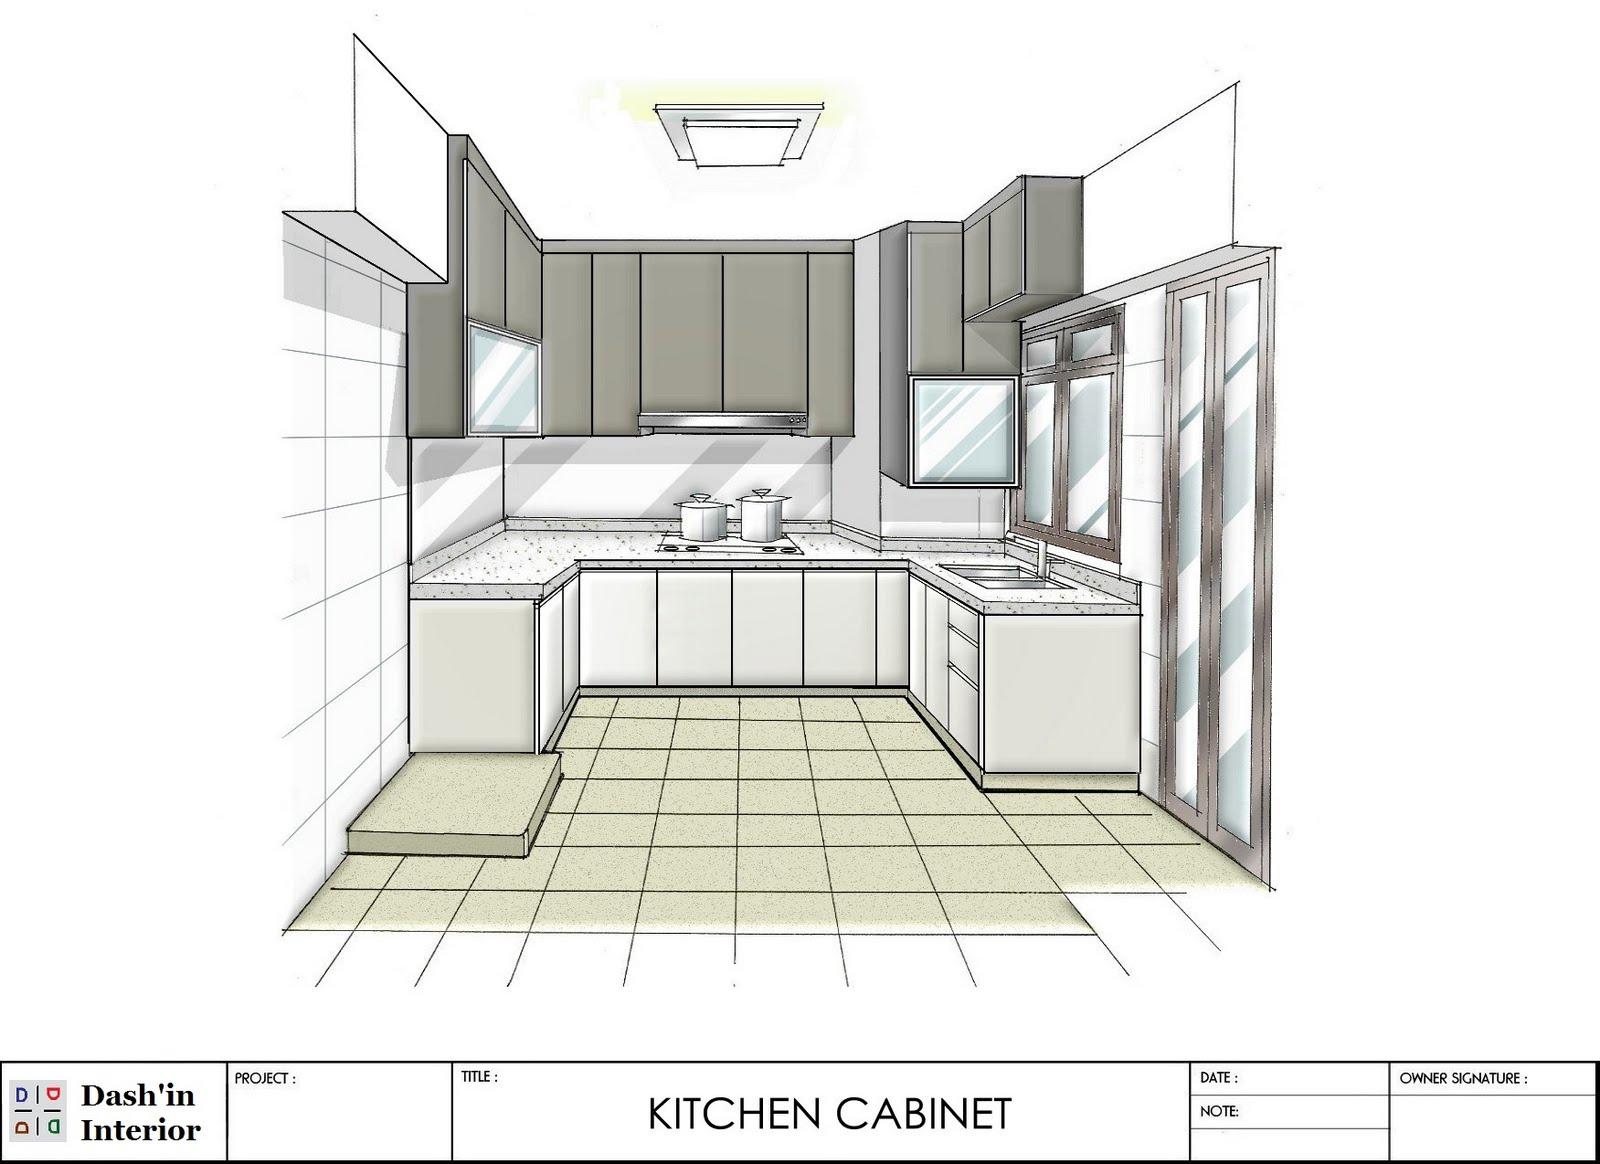 Drawn kitchen Interior: Hand kitchen Hand Designs